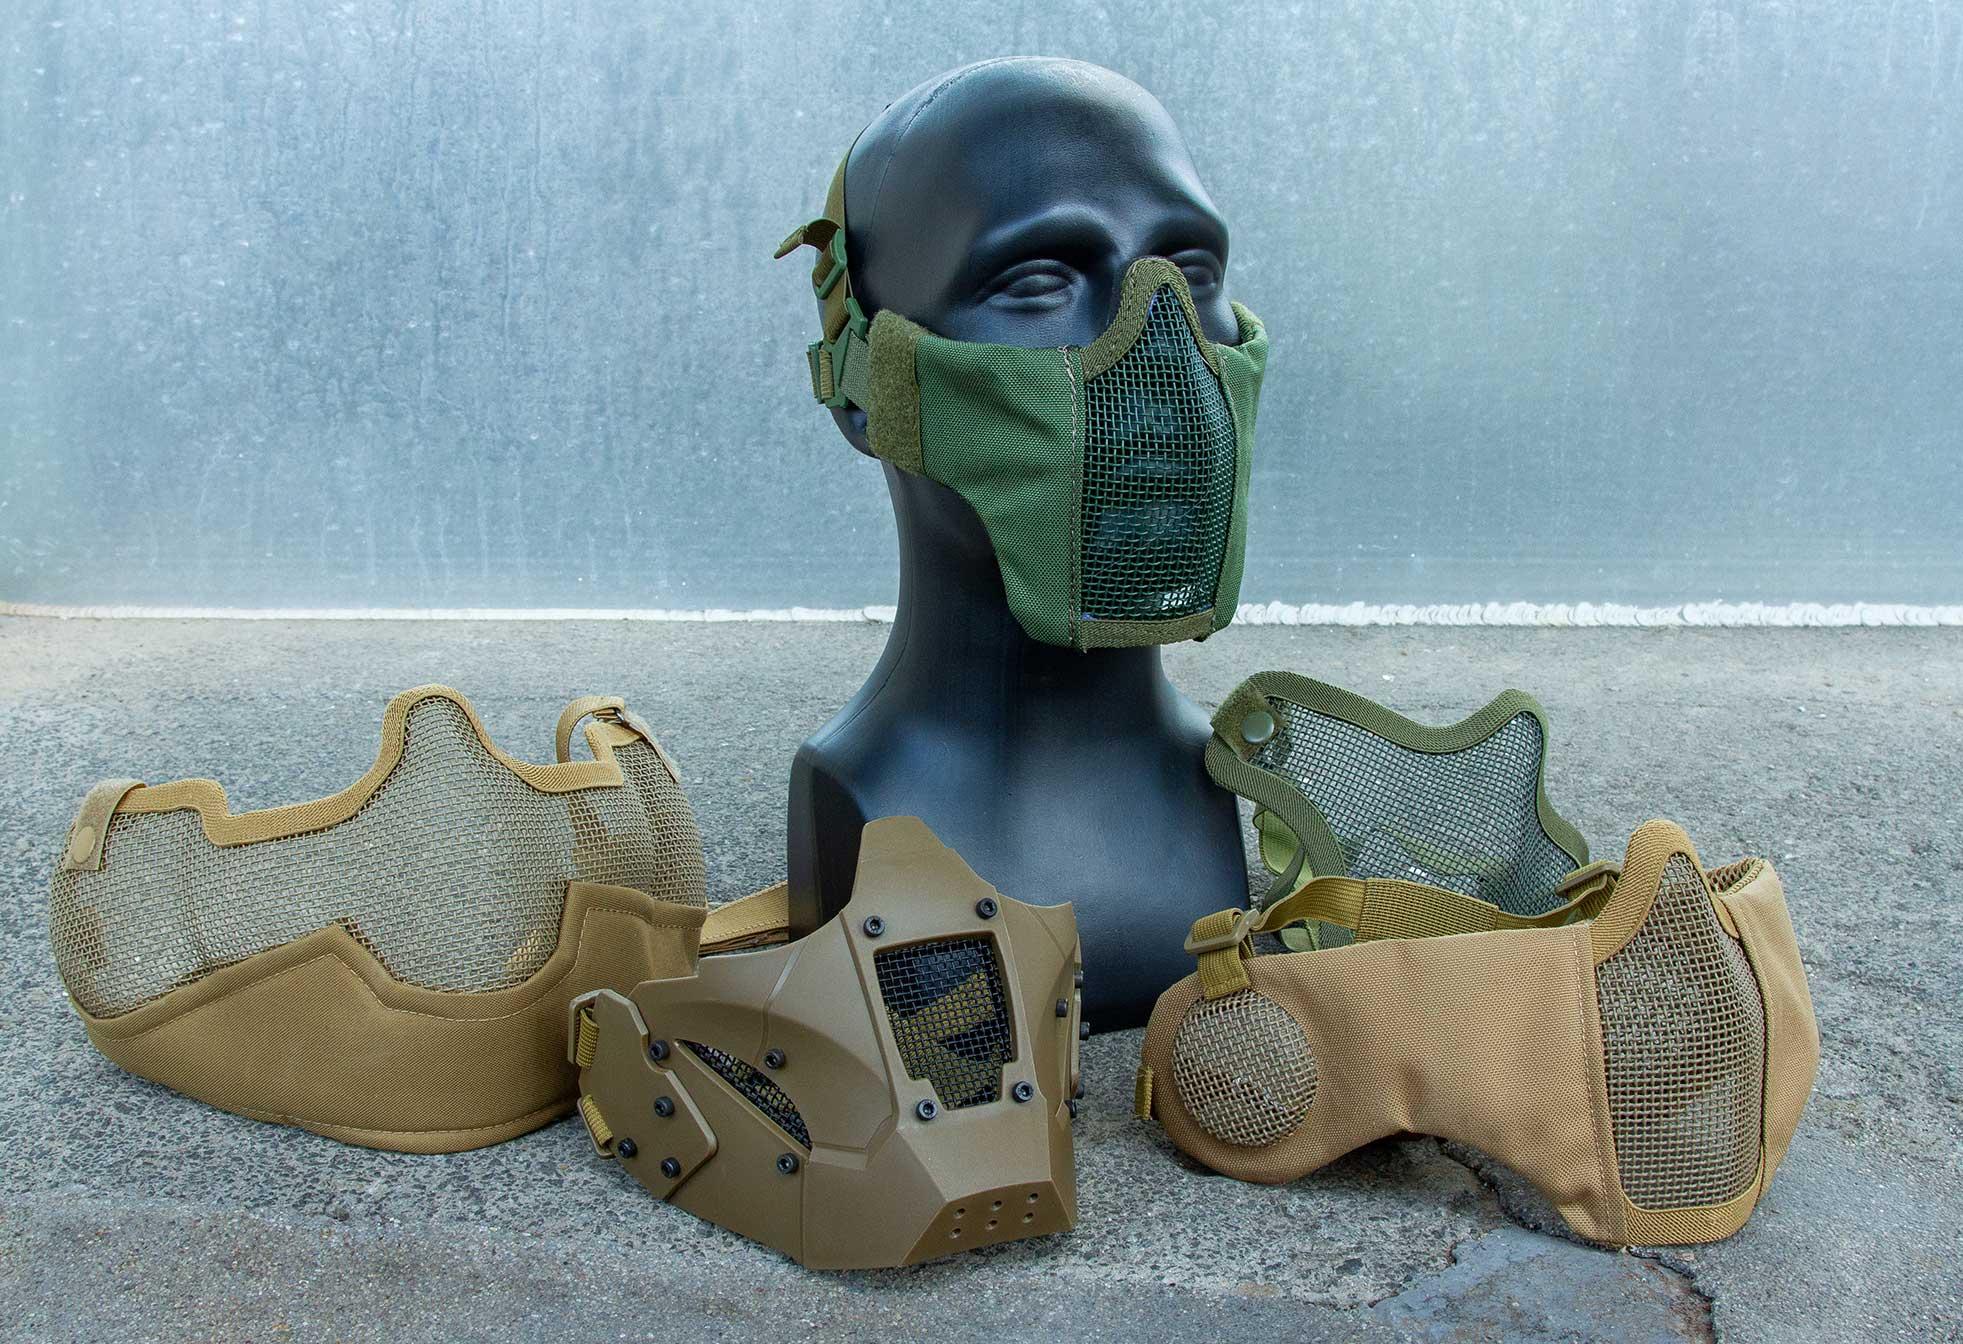 Gitterschutzmasken